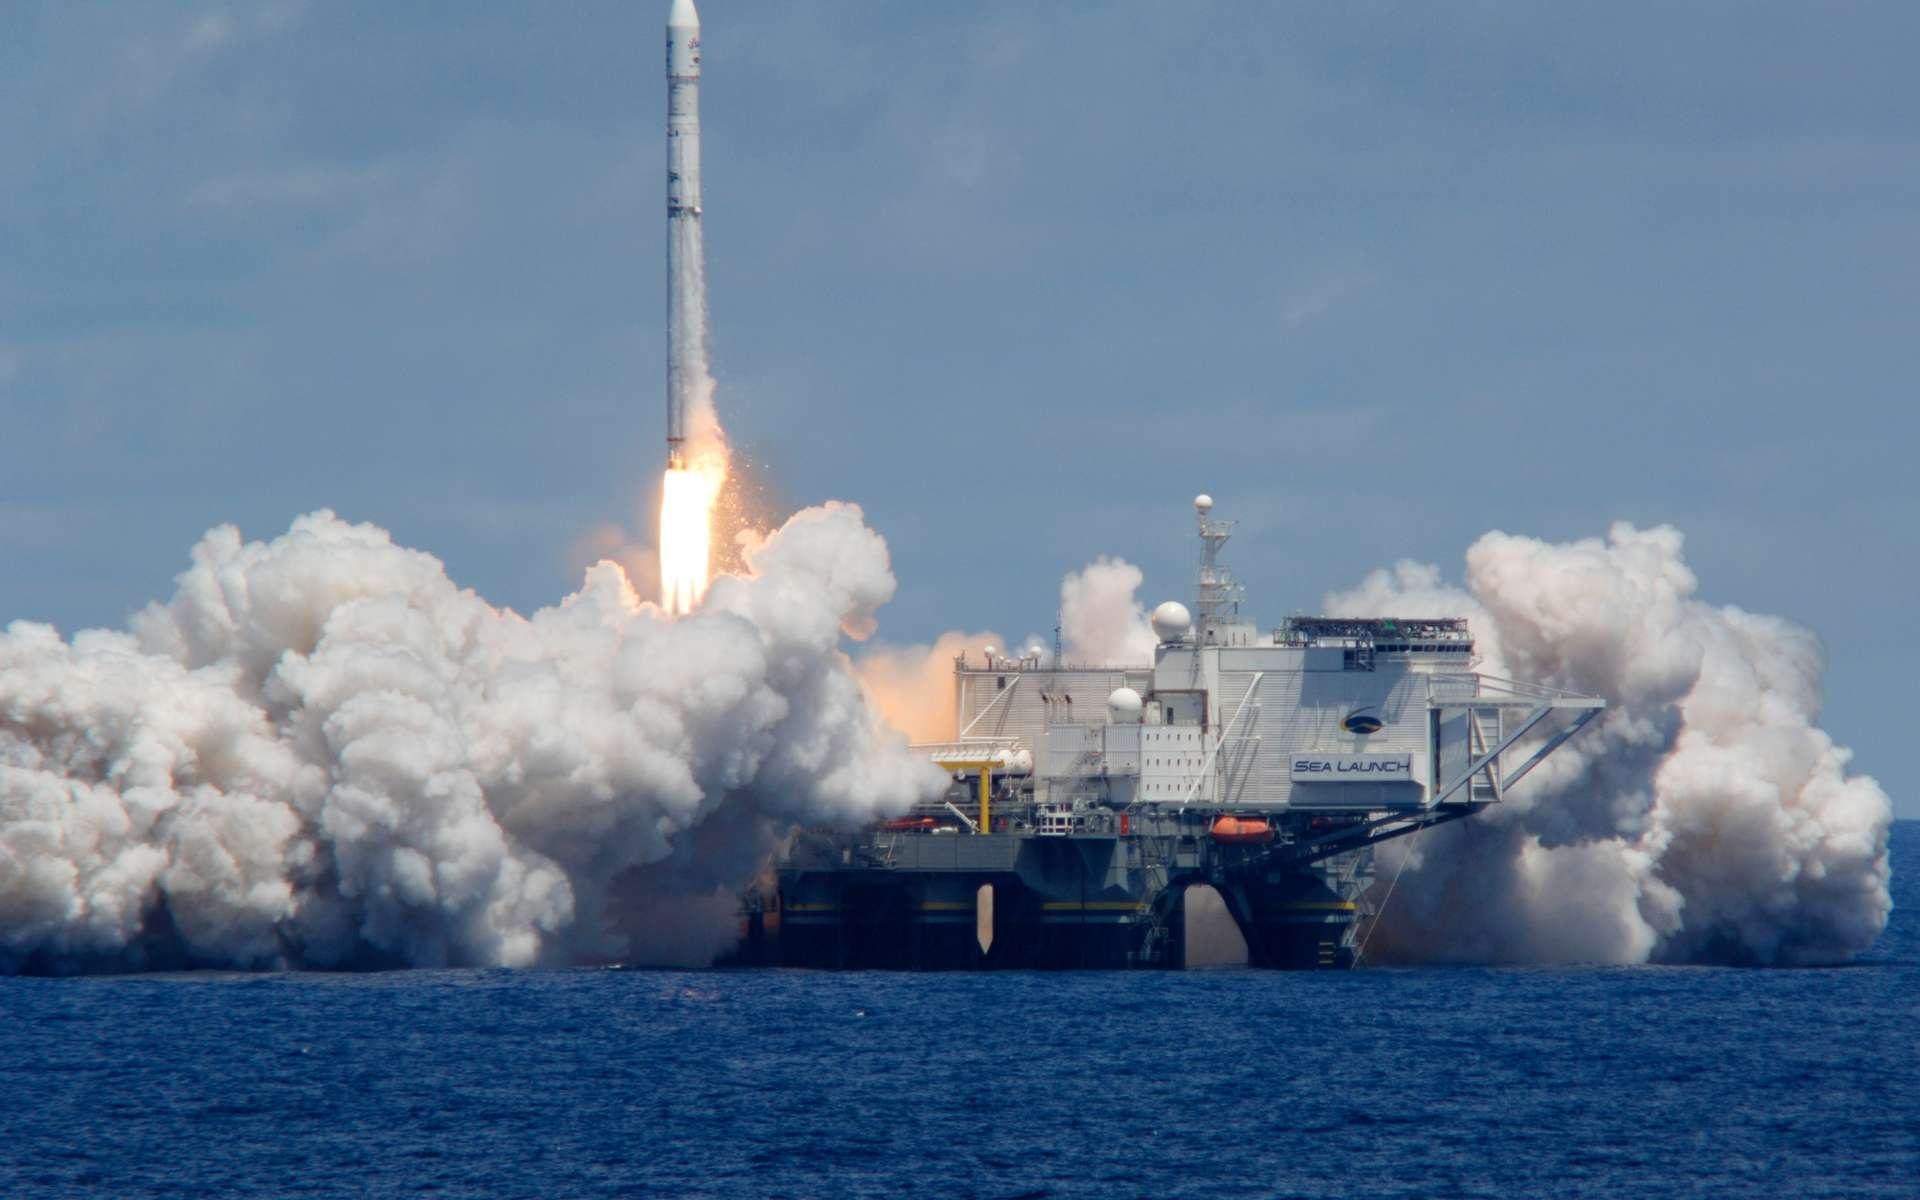 Deux après l'explosion au décollage du lanceur Zenit 3SL et la mise en redressement judiciaire qui s'en est suivie, Sea Launch vient de réussir son retour en vol avec le lancement d'Atlantic Bird 7. © Sea Launch